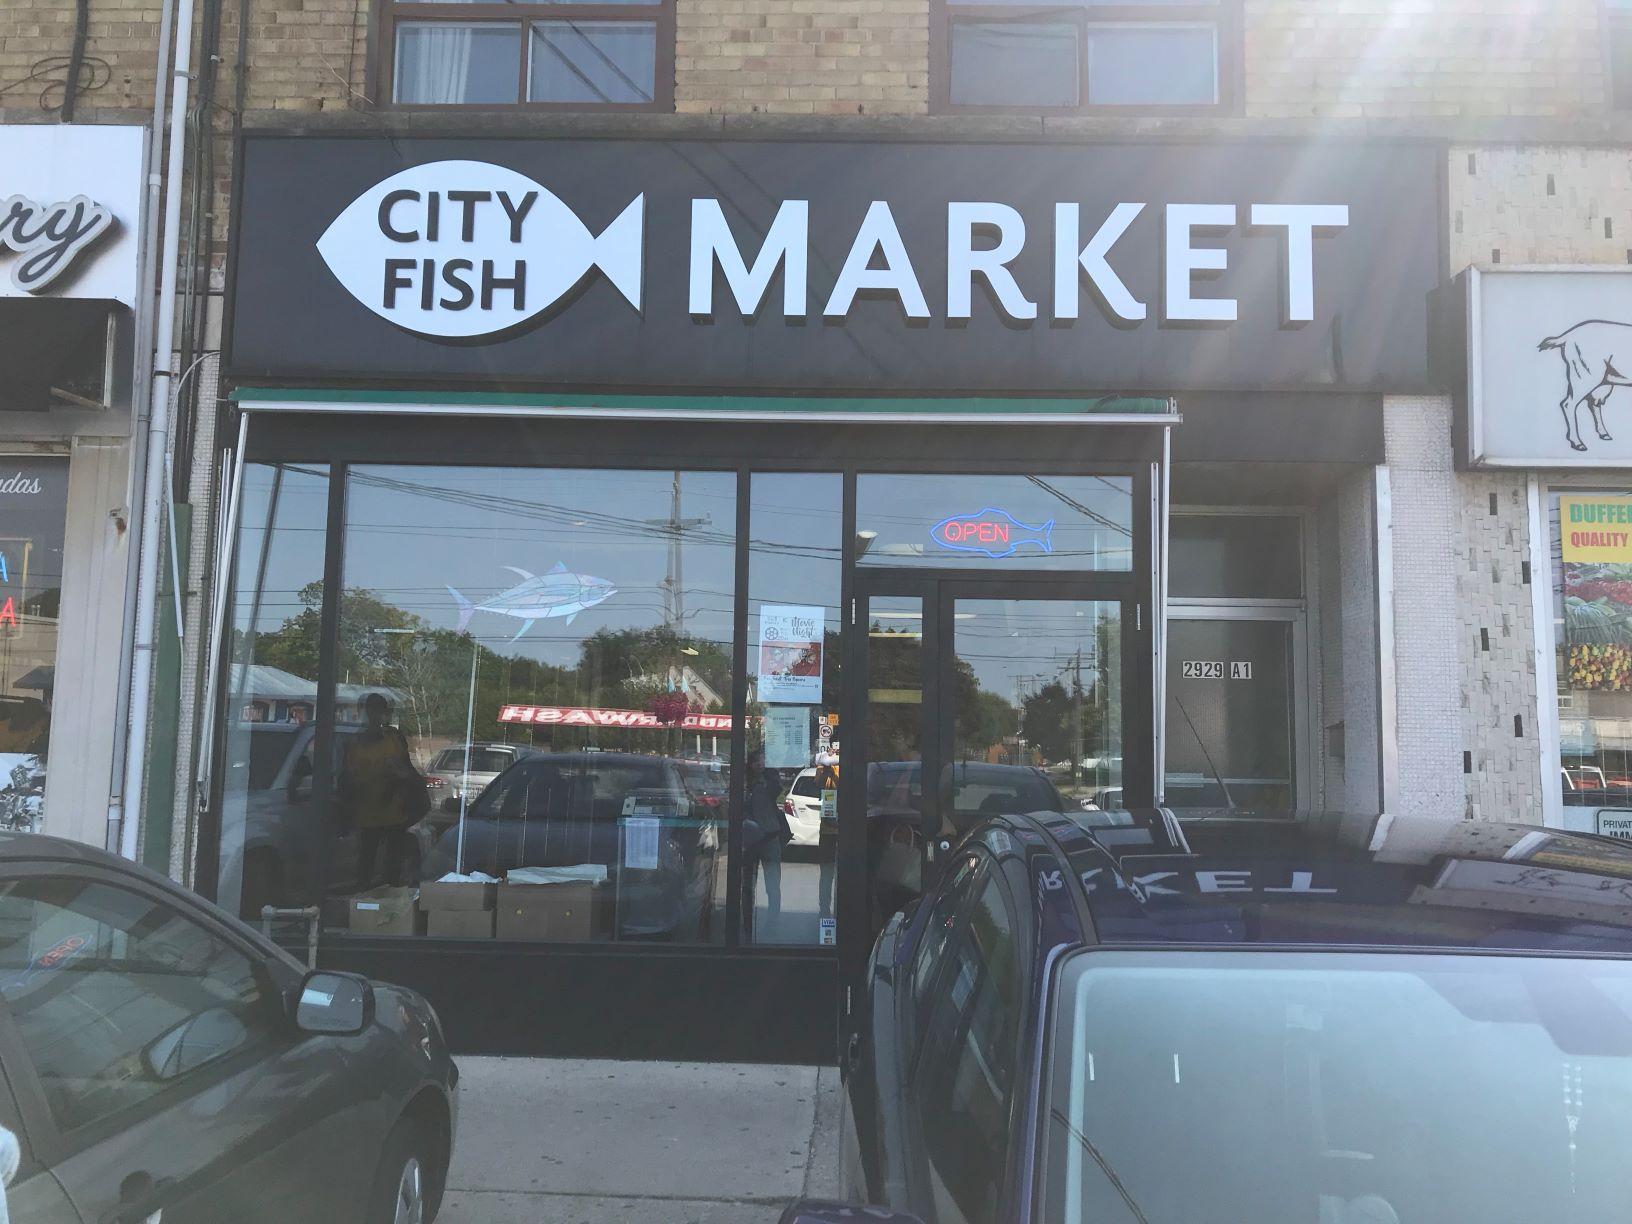 City Fish Market Exterior